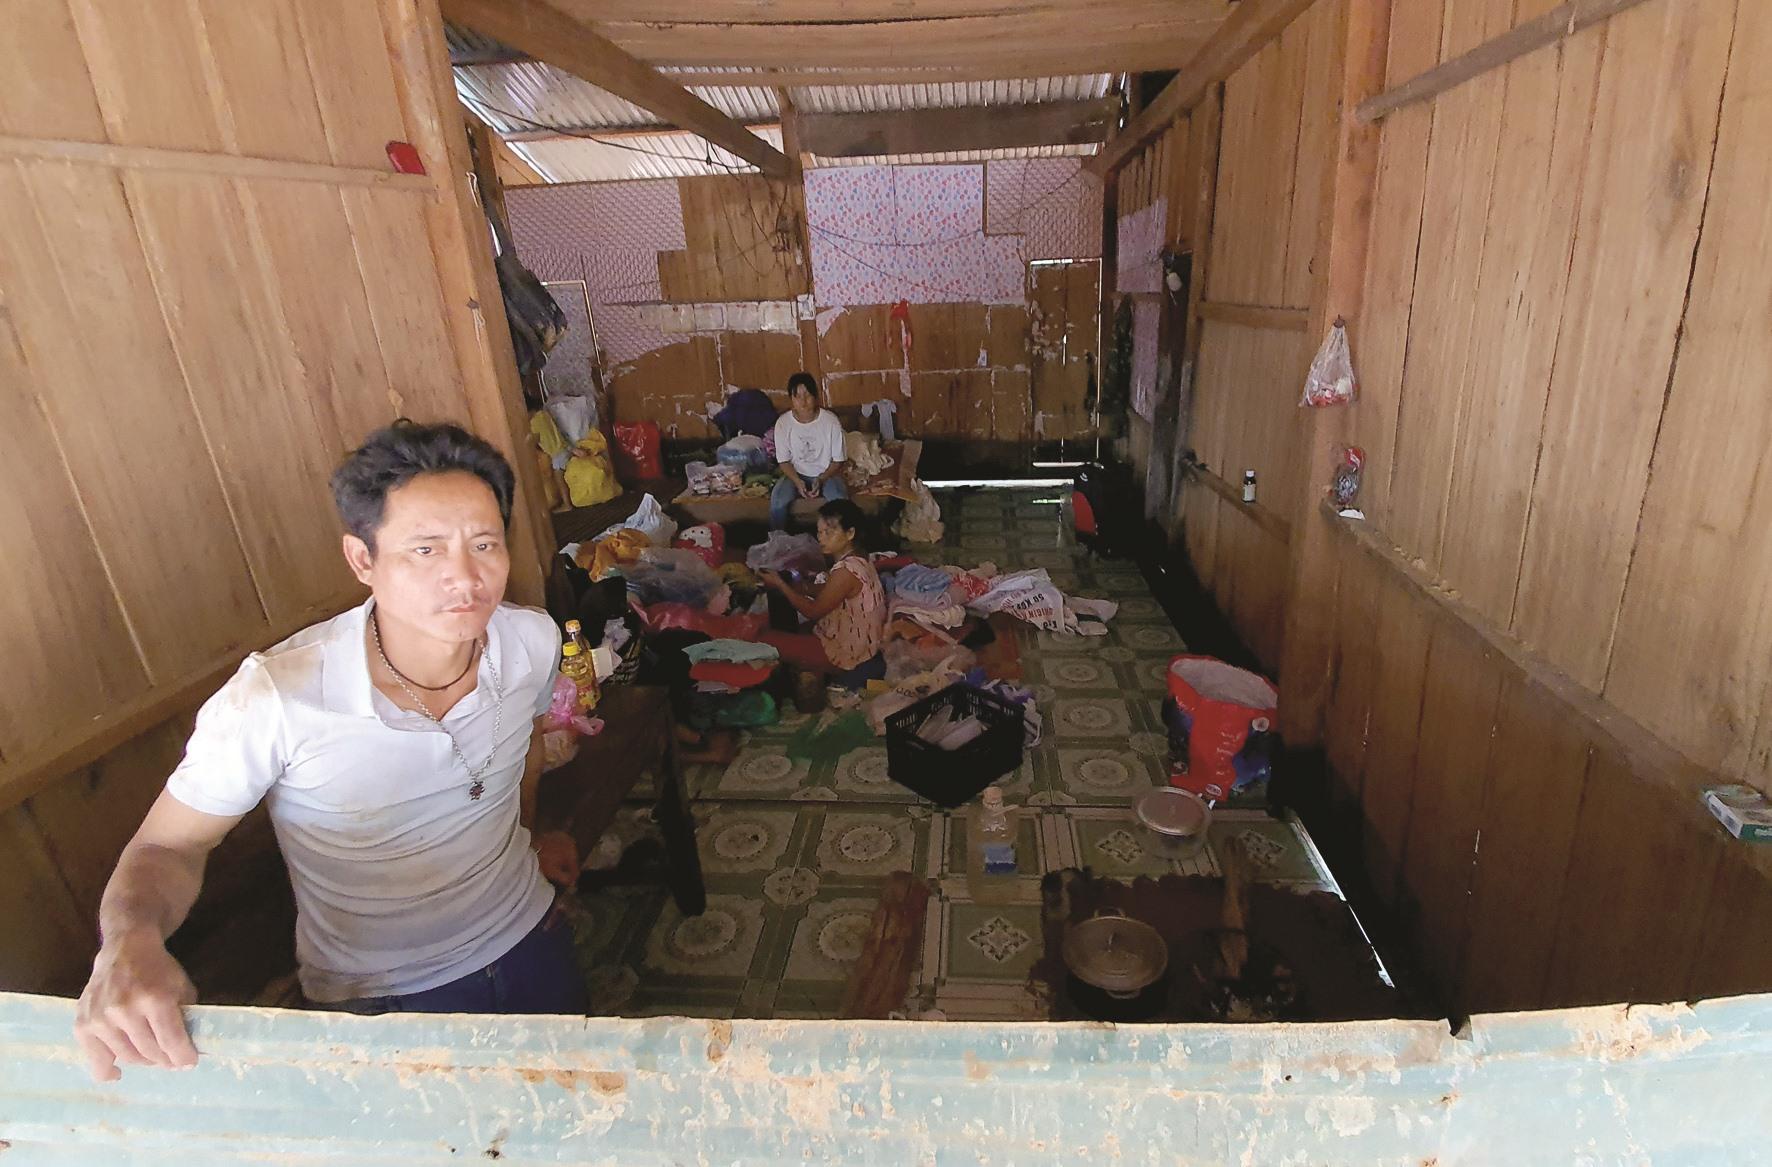 Cùng 10 người dọn dẹp suốt 3 ngày, nhưng ông Hồ Văn Diên chỉ mới dọn được đống bùn trong căn nhà chính làm chỗ ngủ, chỗ nấu ăn cho cả gia đình. Nhà bếp, phòng ngủ vẫn lấp đầy bùn.